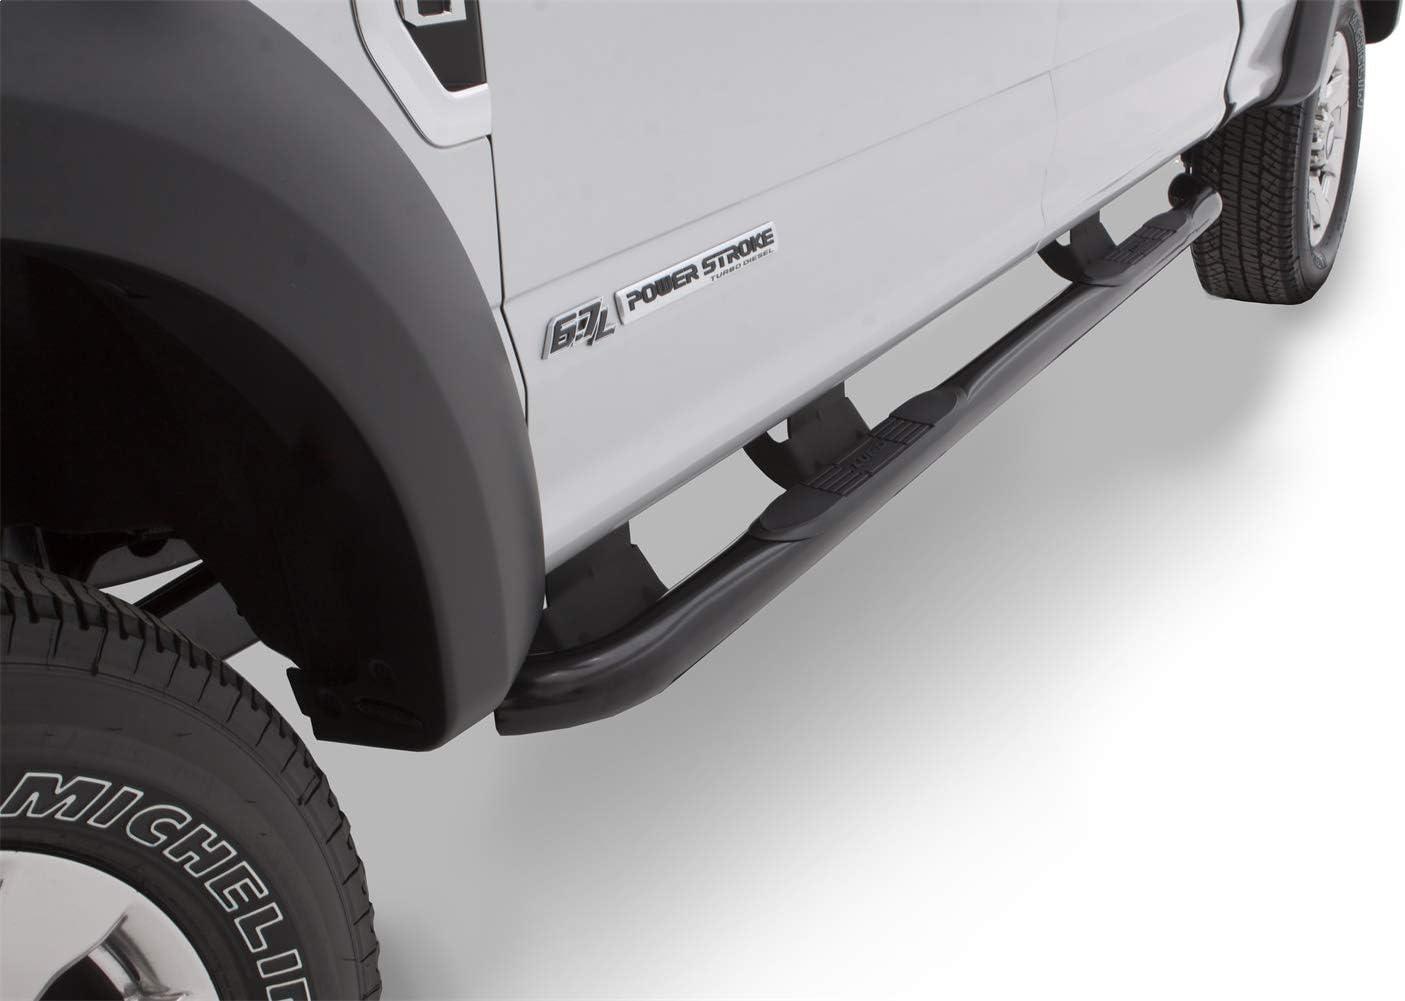 Lund 23090910 3 Black Steel 3 Round Bent Nerf Bars for 2019 Ford Ranger SuperCrew